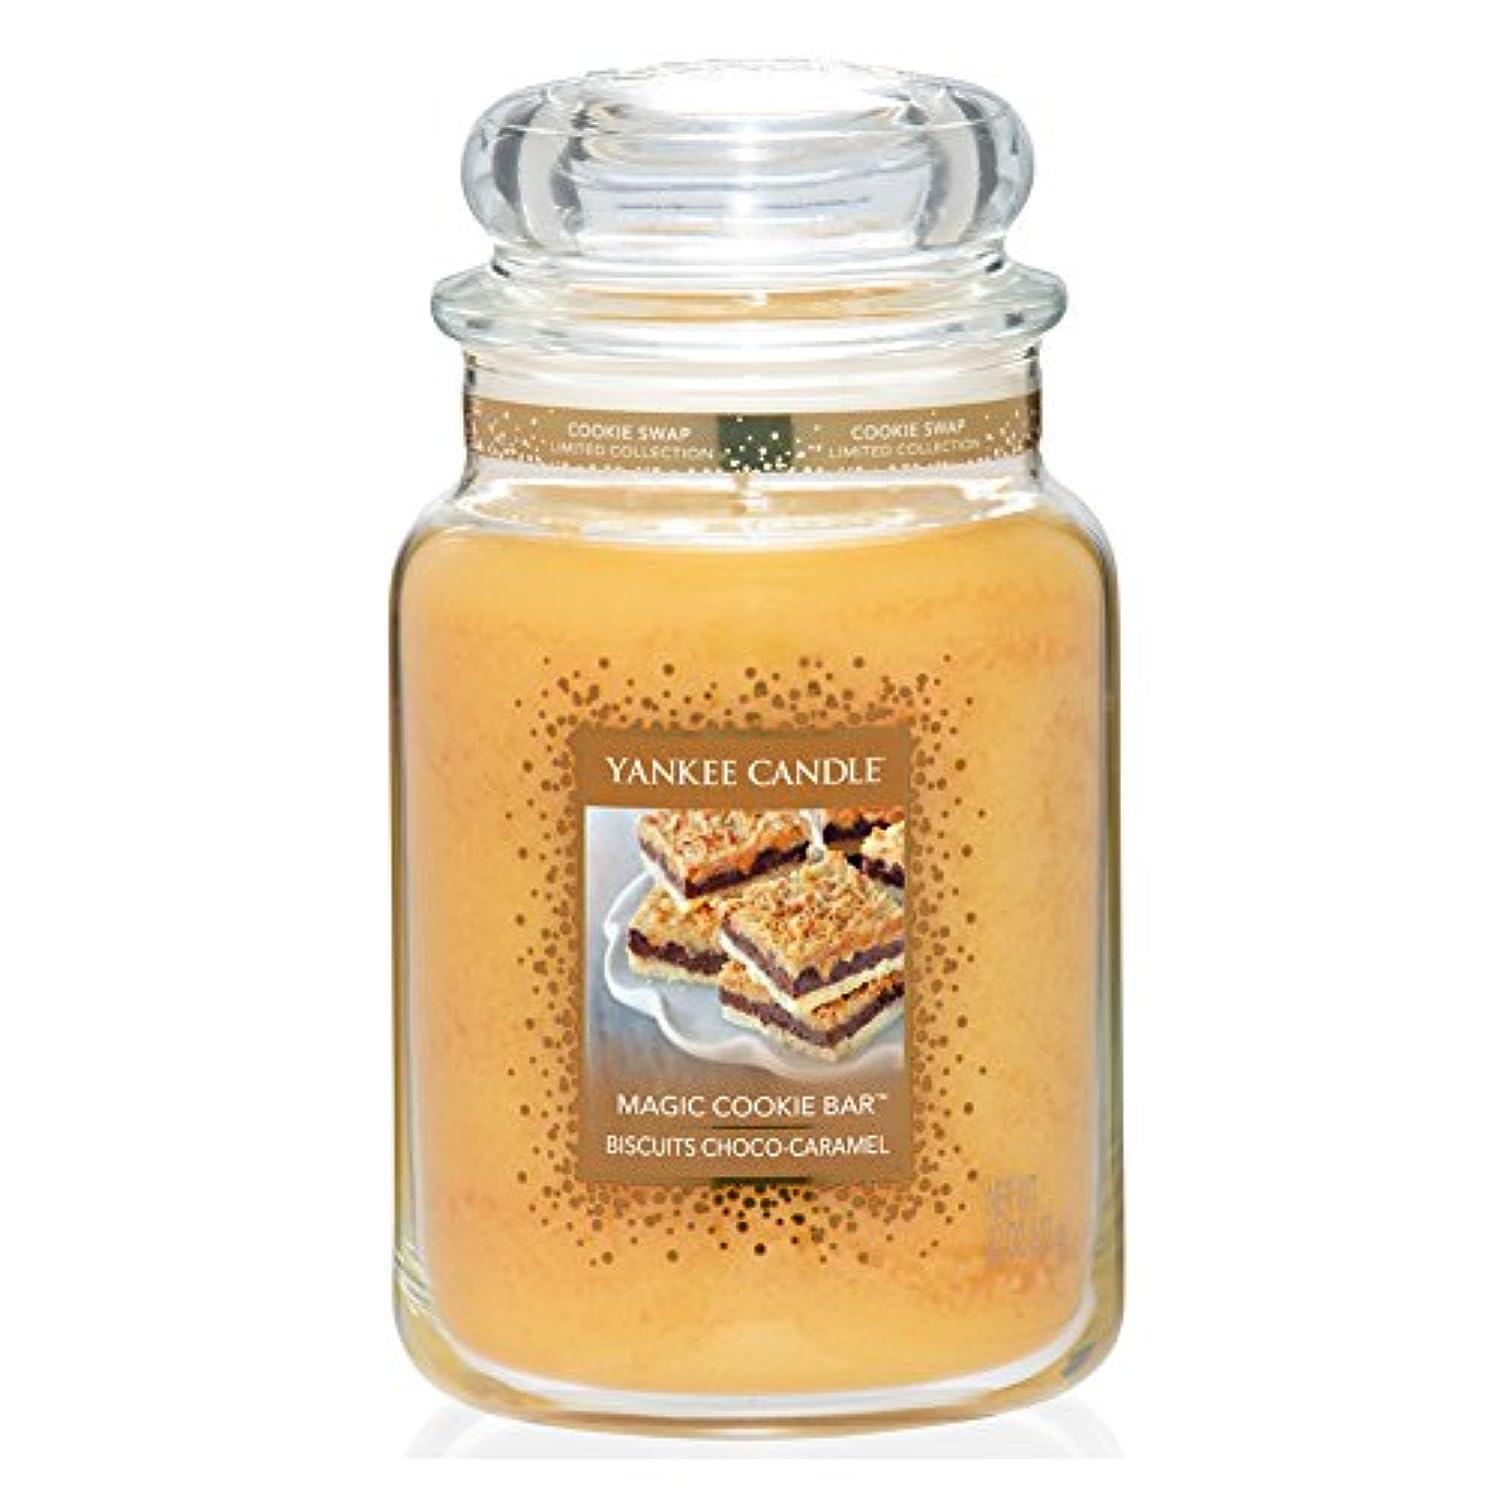 美容師ジャムトランペットYankee CandleマジッククッキーバーLarge Jar